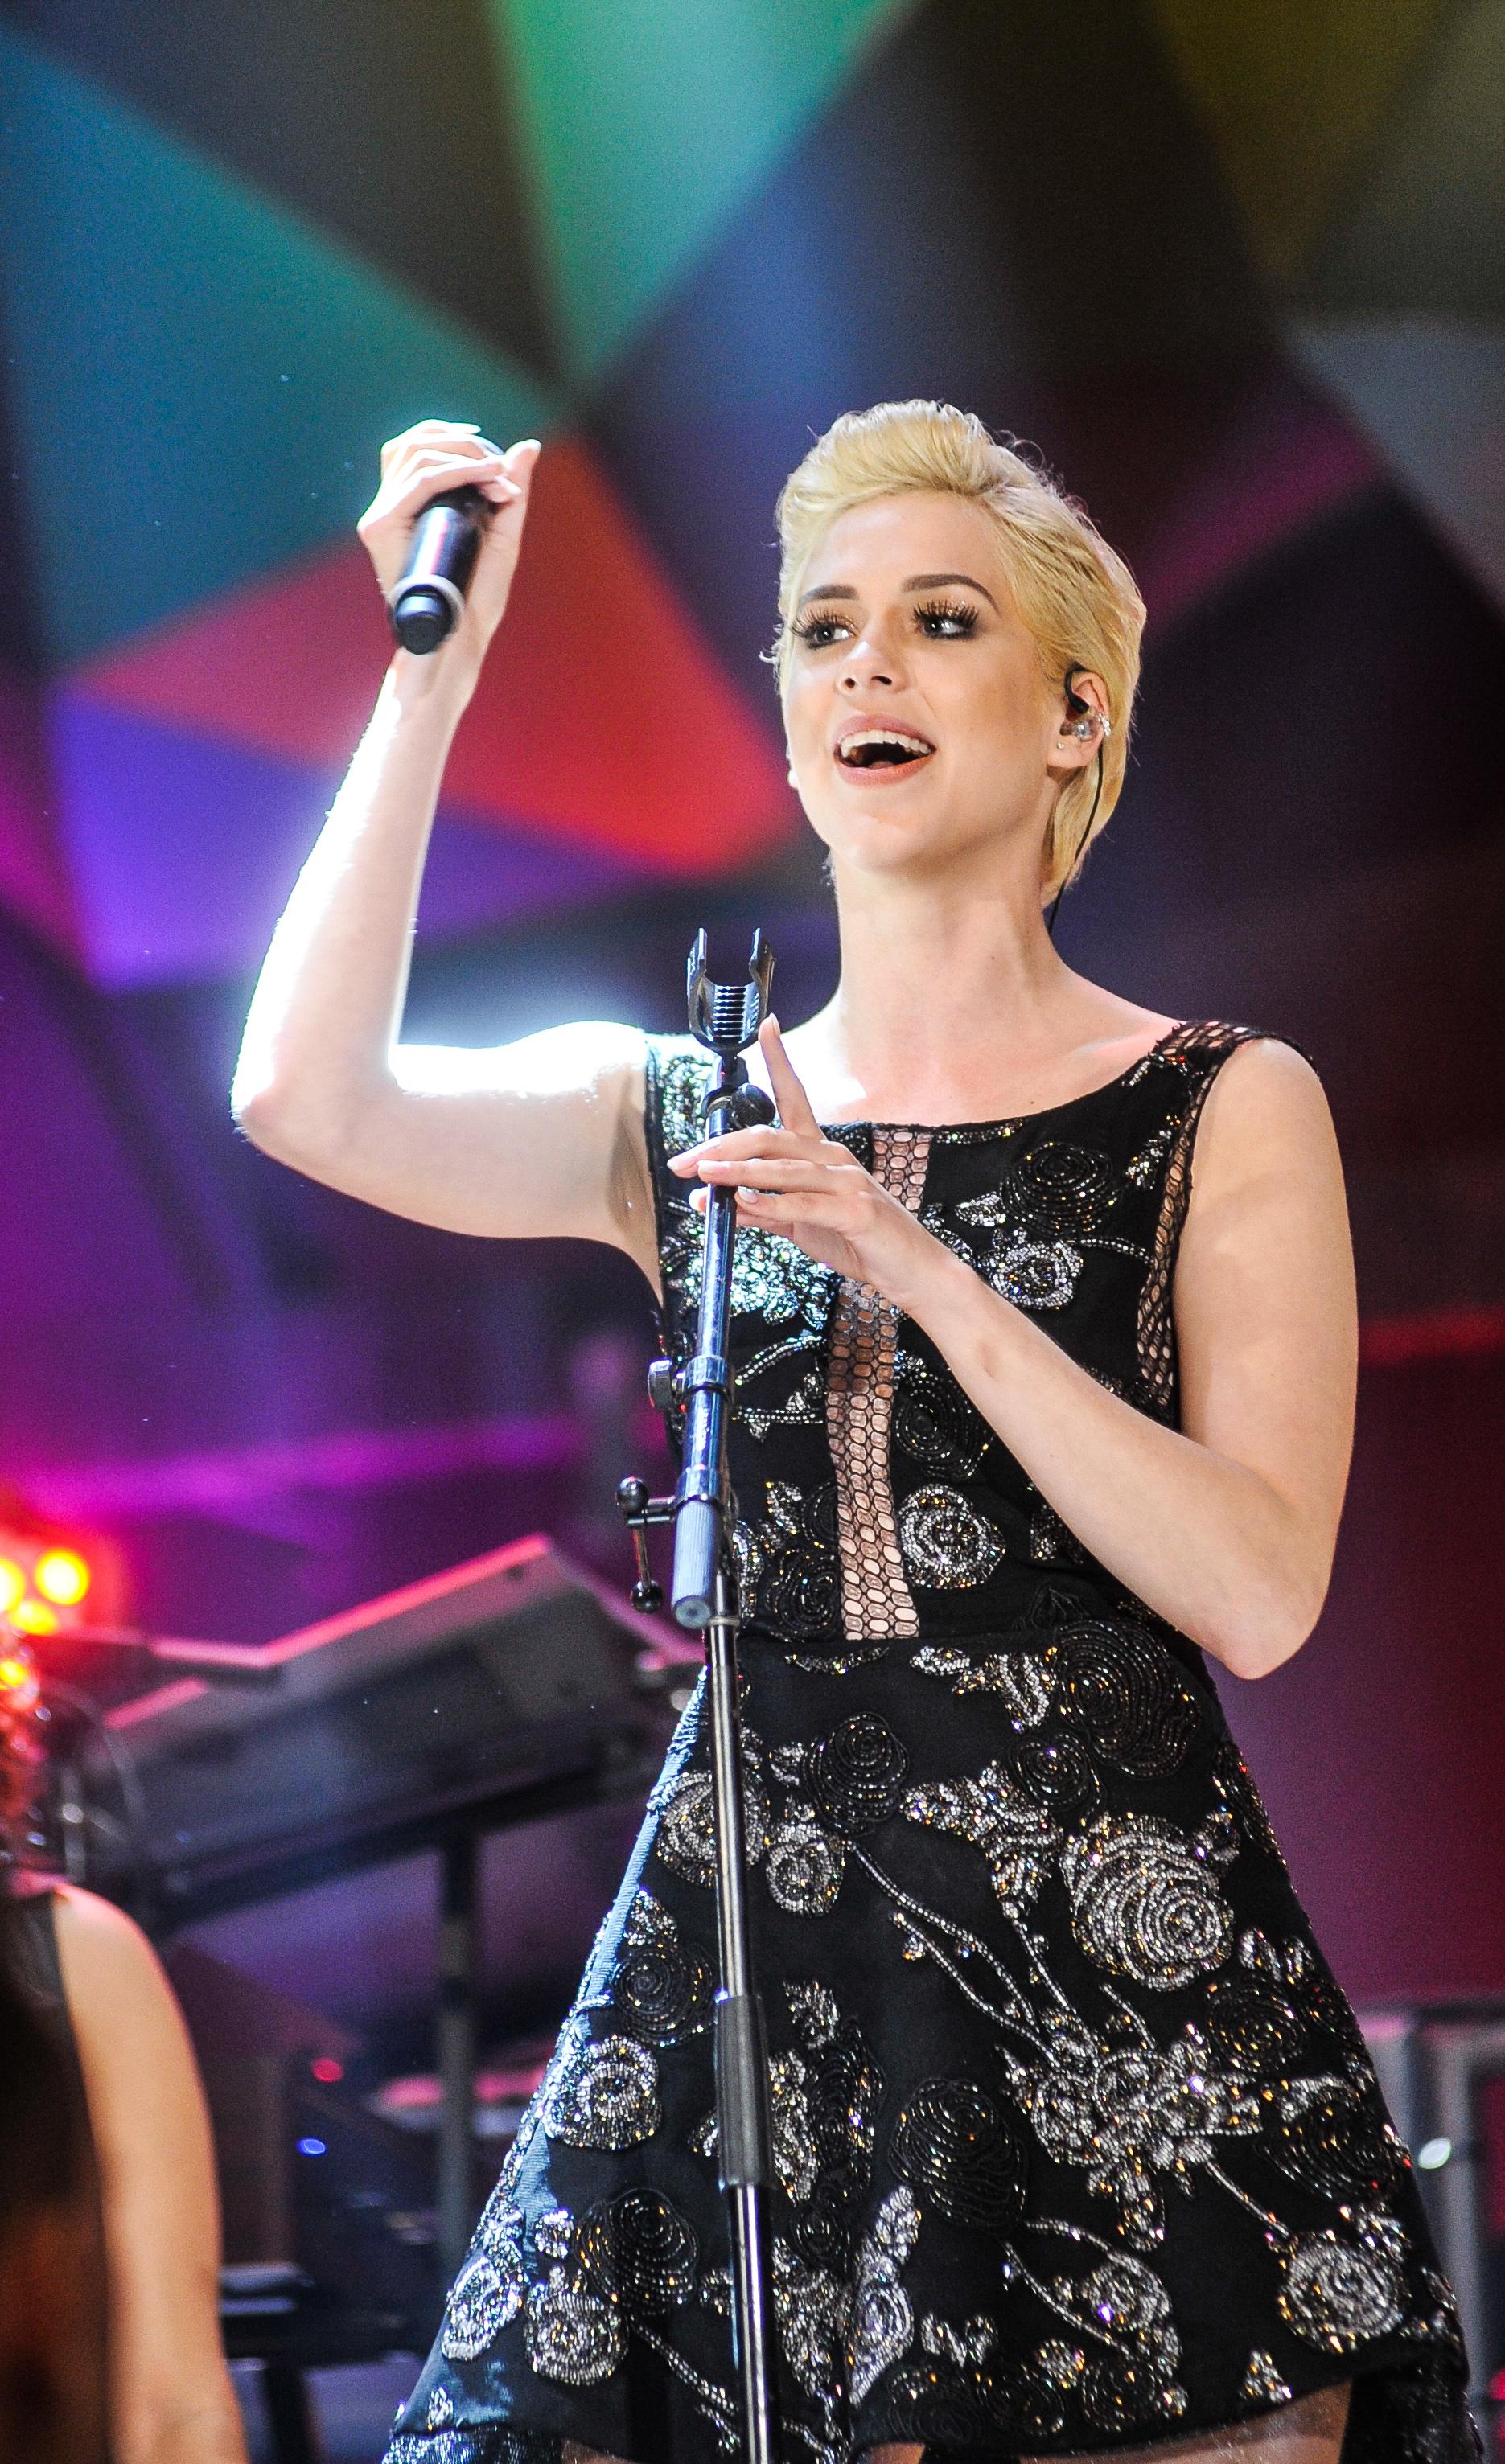 Sophia canta no programa, que vai ao ar sábado (30) (Foto: Globo/Reinaldo Marques)